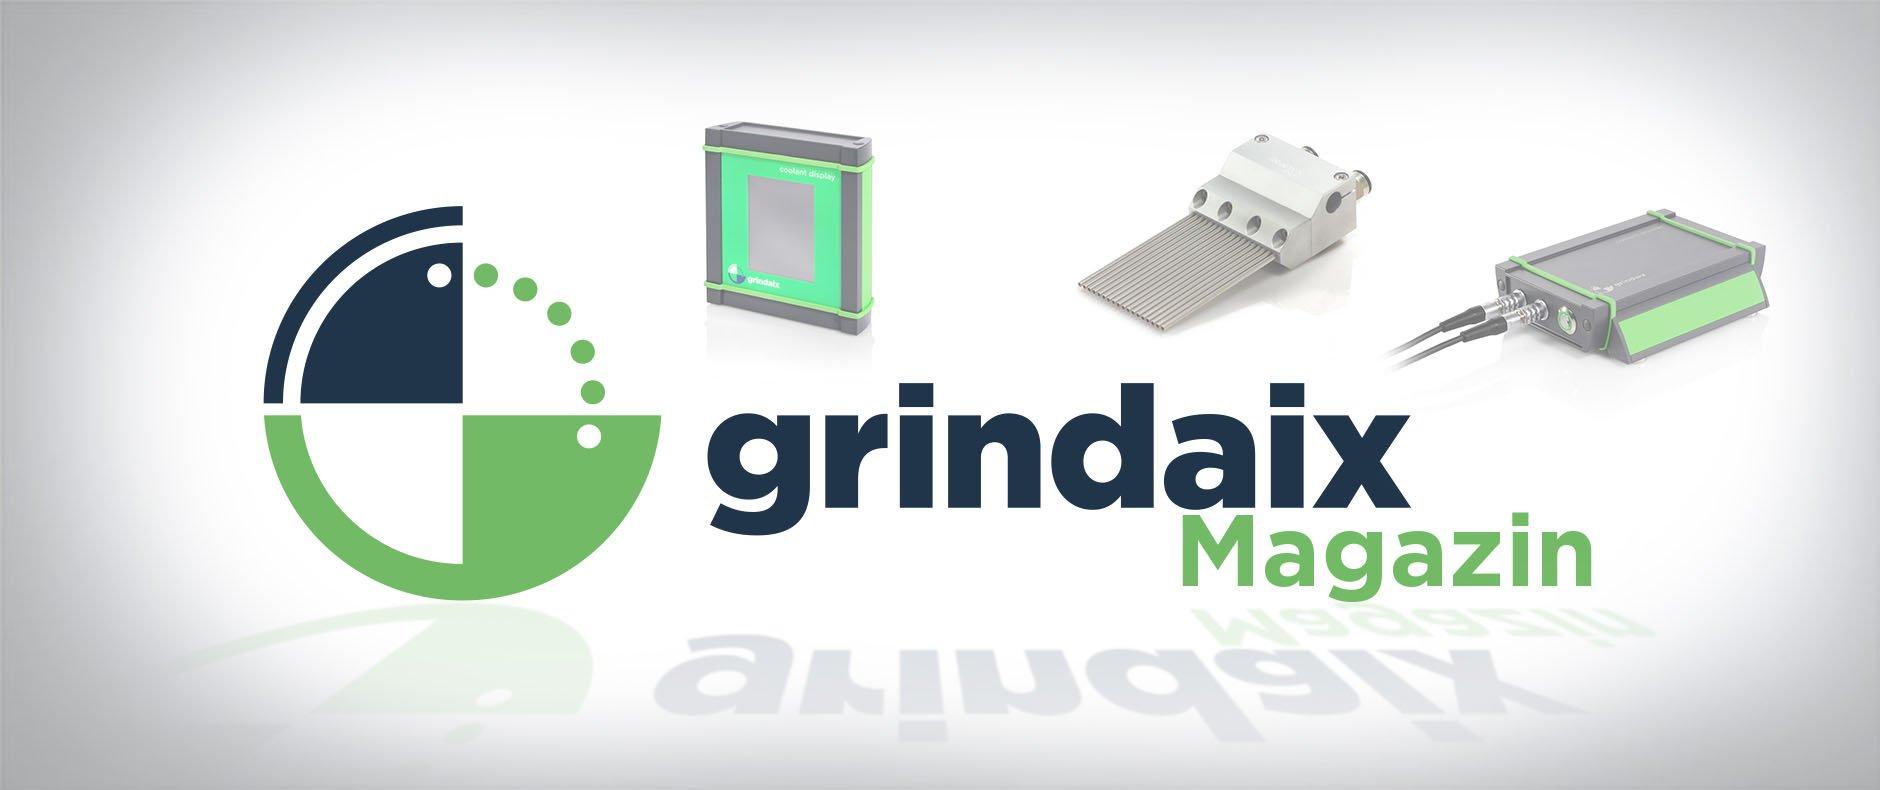 Grindaix-Magazin_klein.jpg